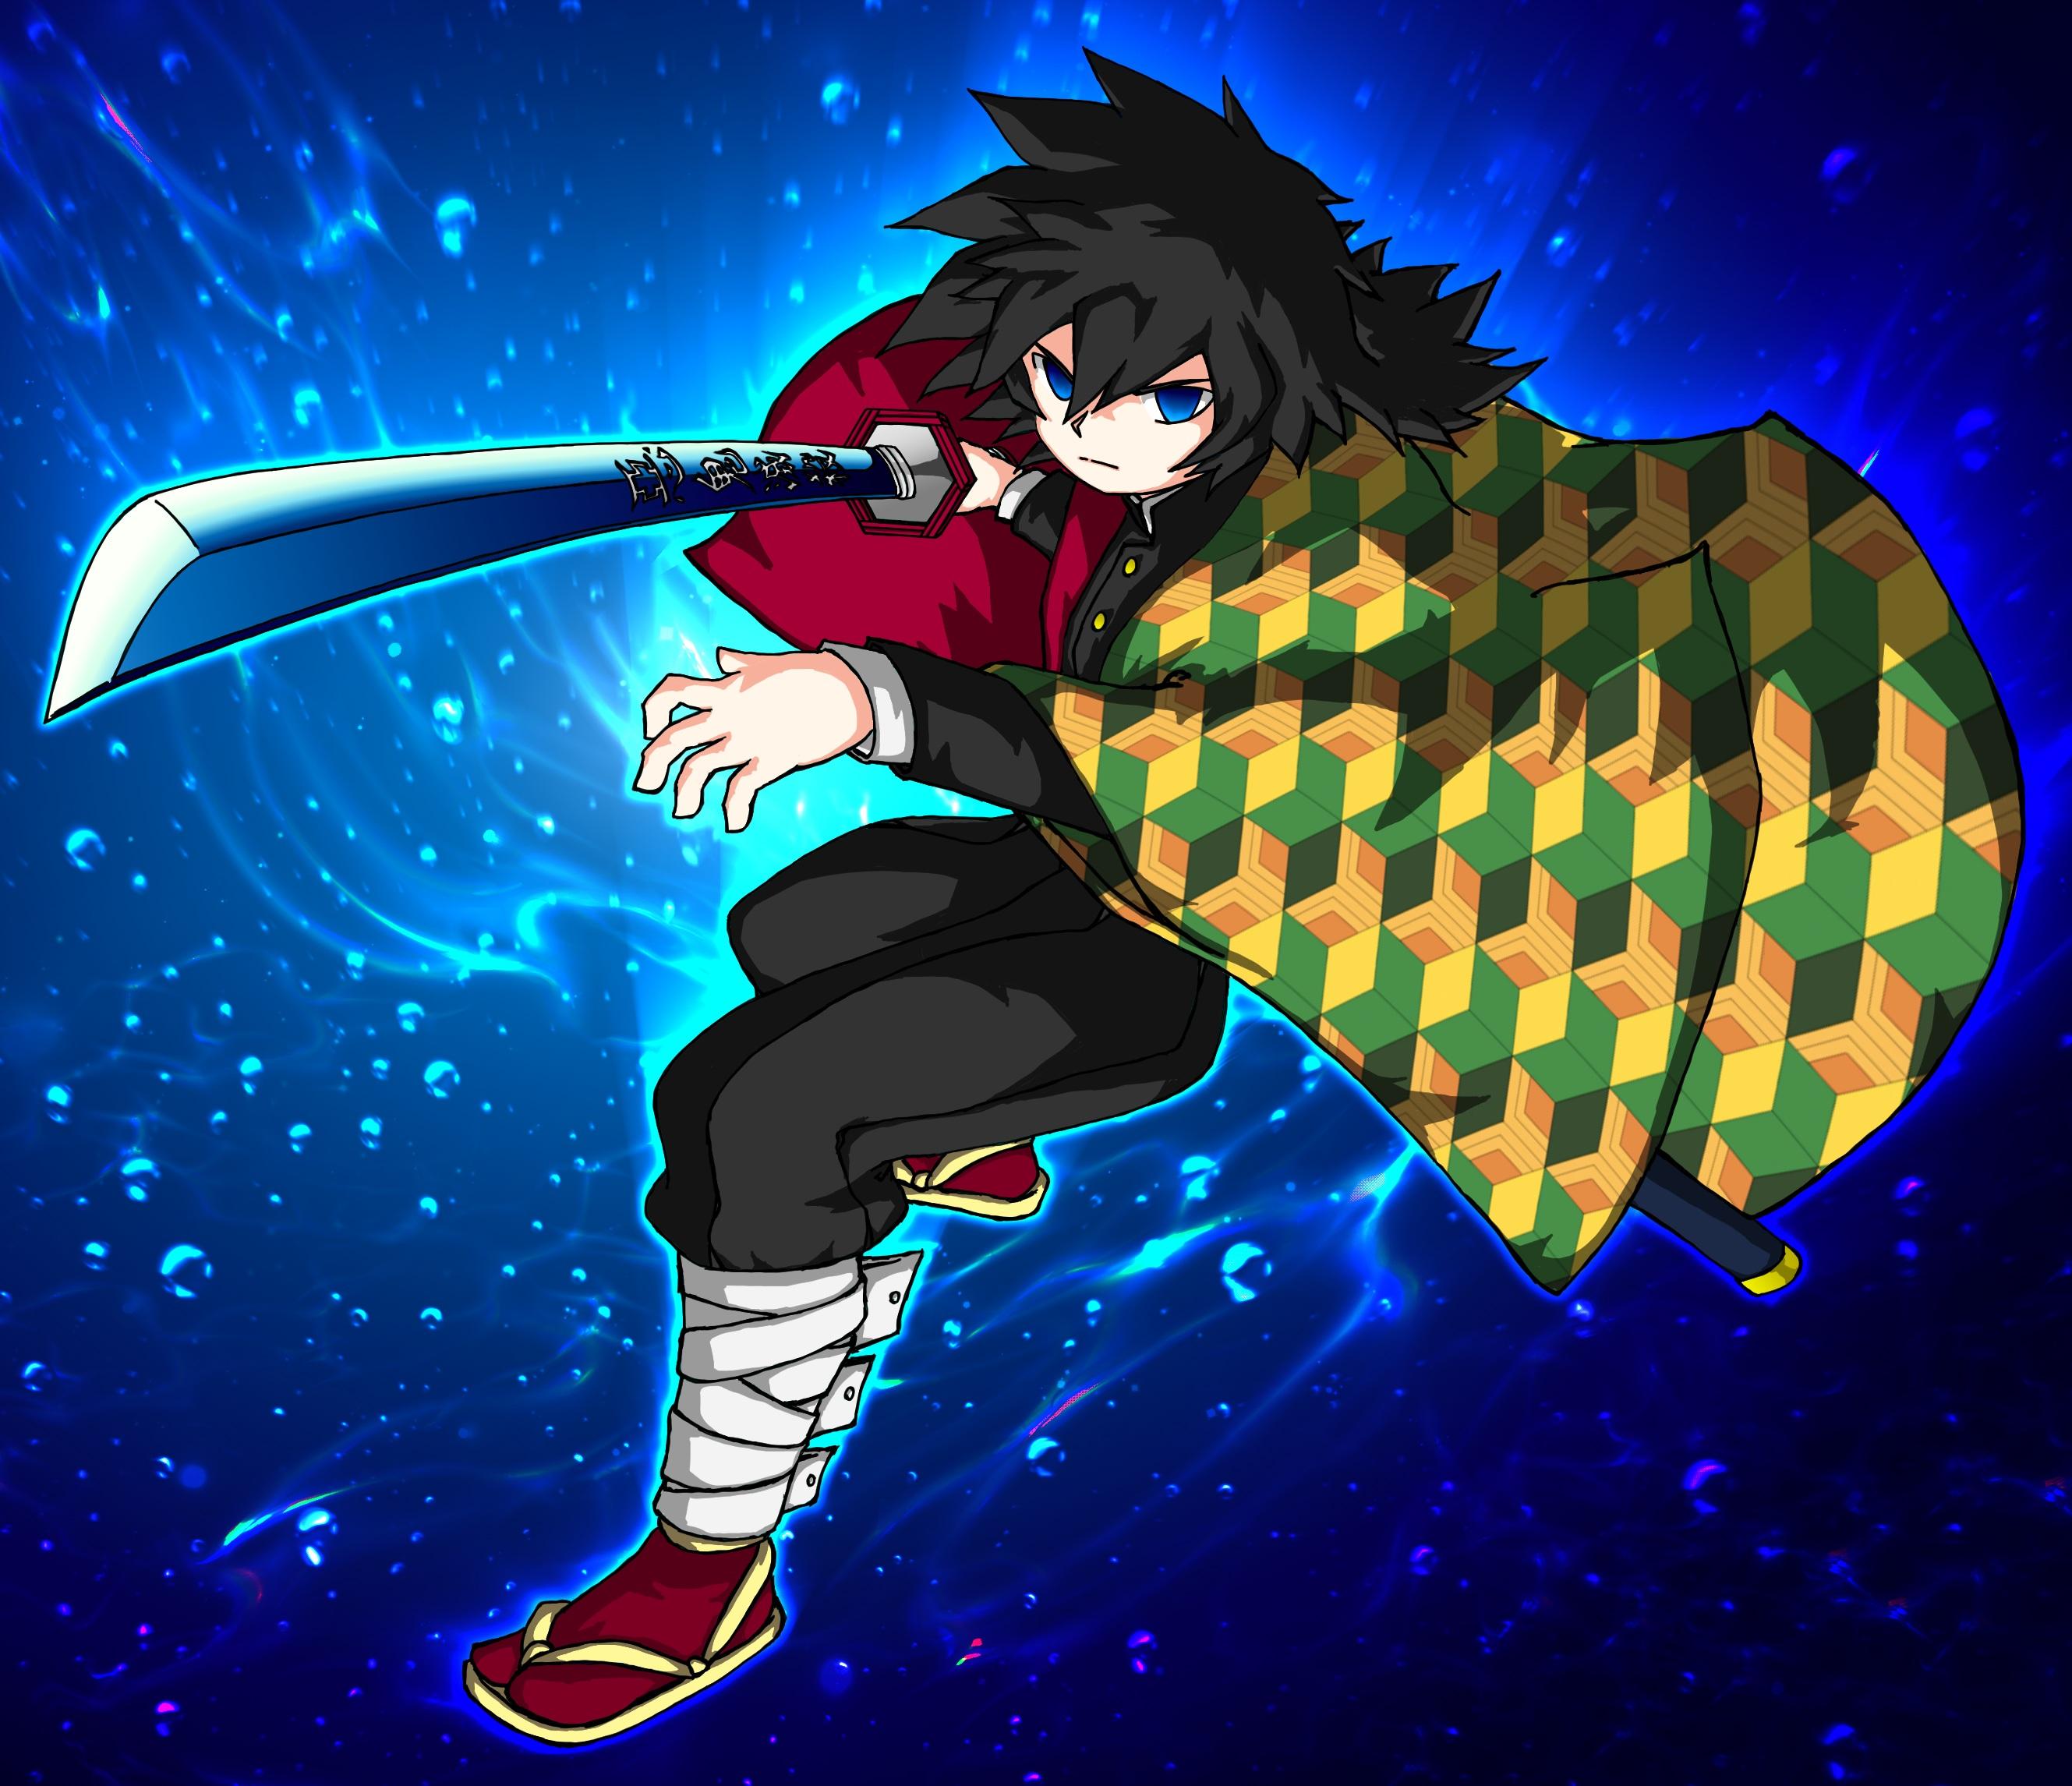 Demon Slayer: Kimetsu no Yaiba HD Wallpaper | Background ...